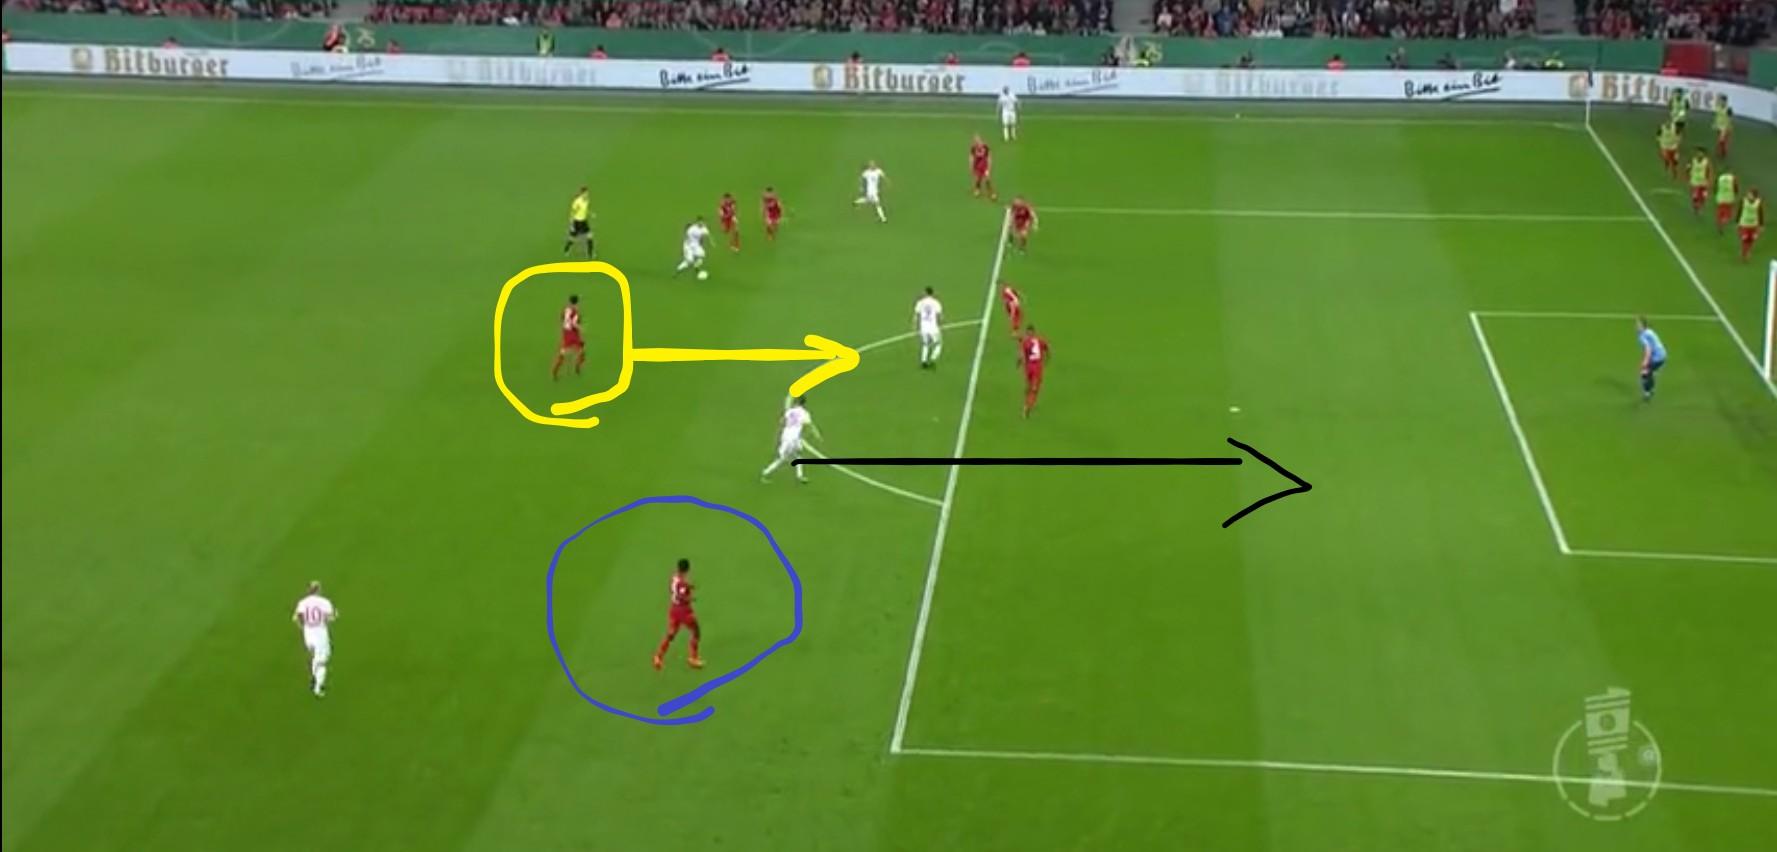 穆勒跑位赏析,德国杯拜仁慕尼黑6:2勒沃库森赛